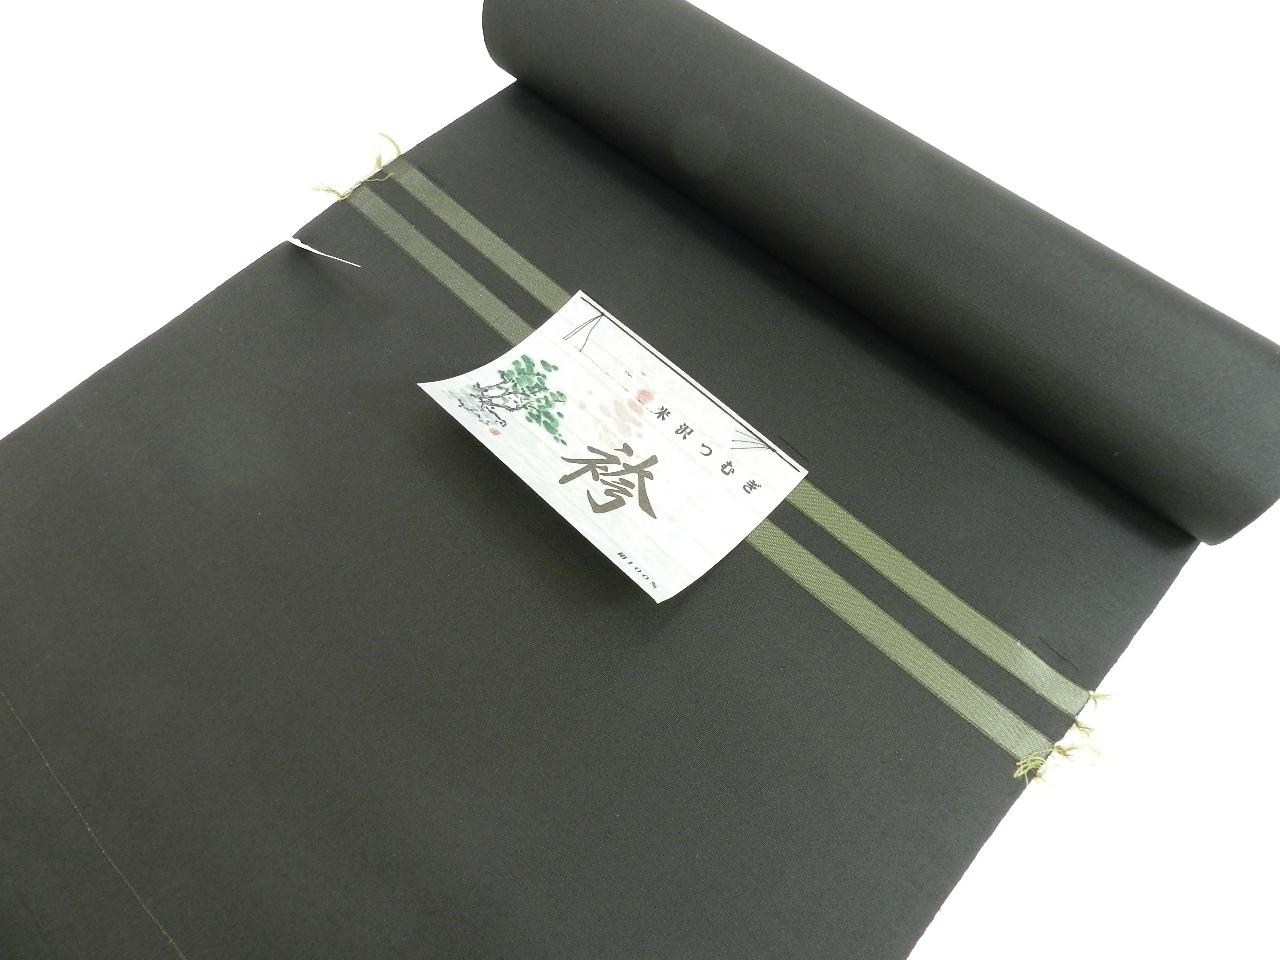 男袴 正絹 オーダー仕立て込 日本製・ウエストと身長をお教えください。仕立て込み 男性用 メンズはかま日舞・茶道・武道・居合道・尺八・民謡・弓道